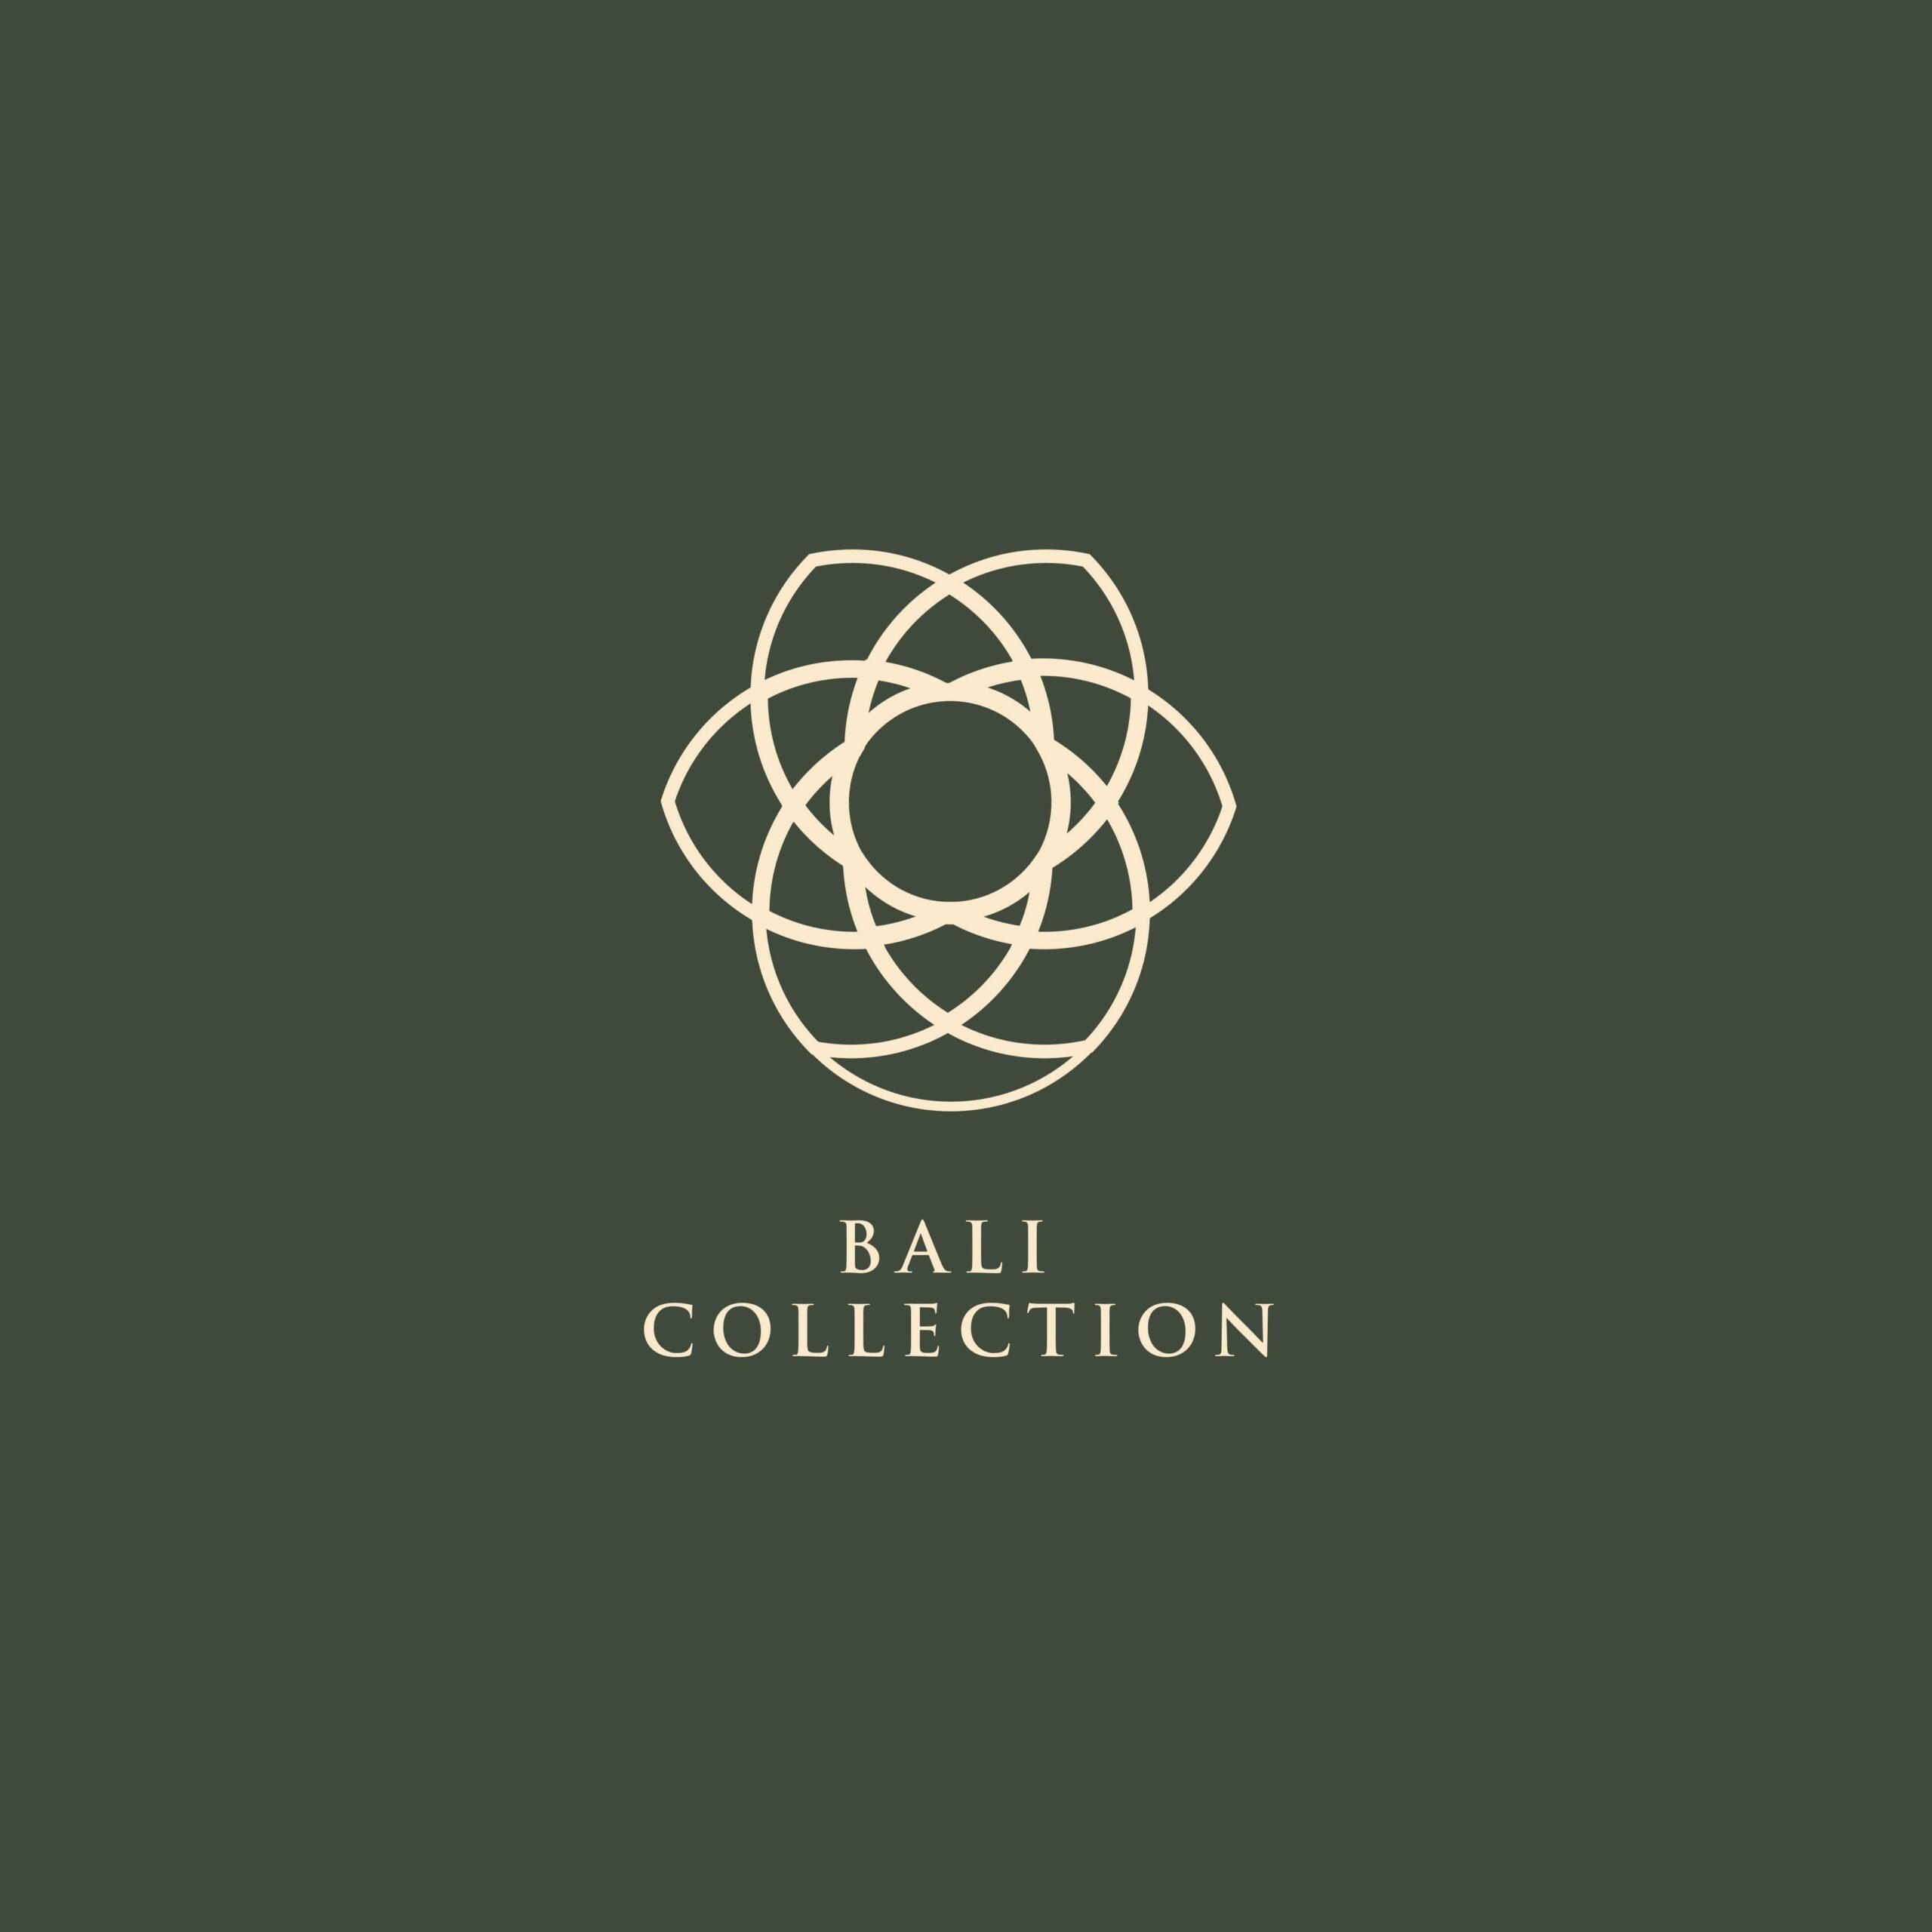 Bali logo2